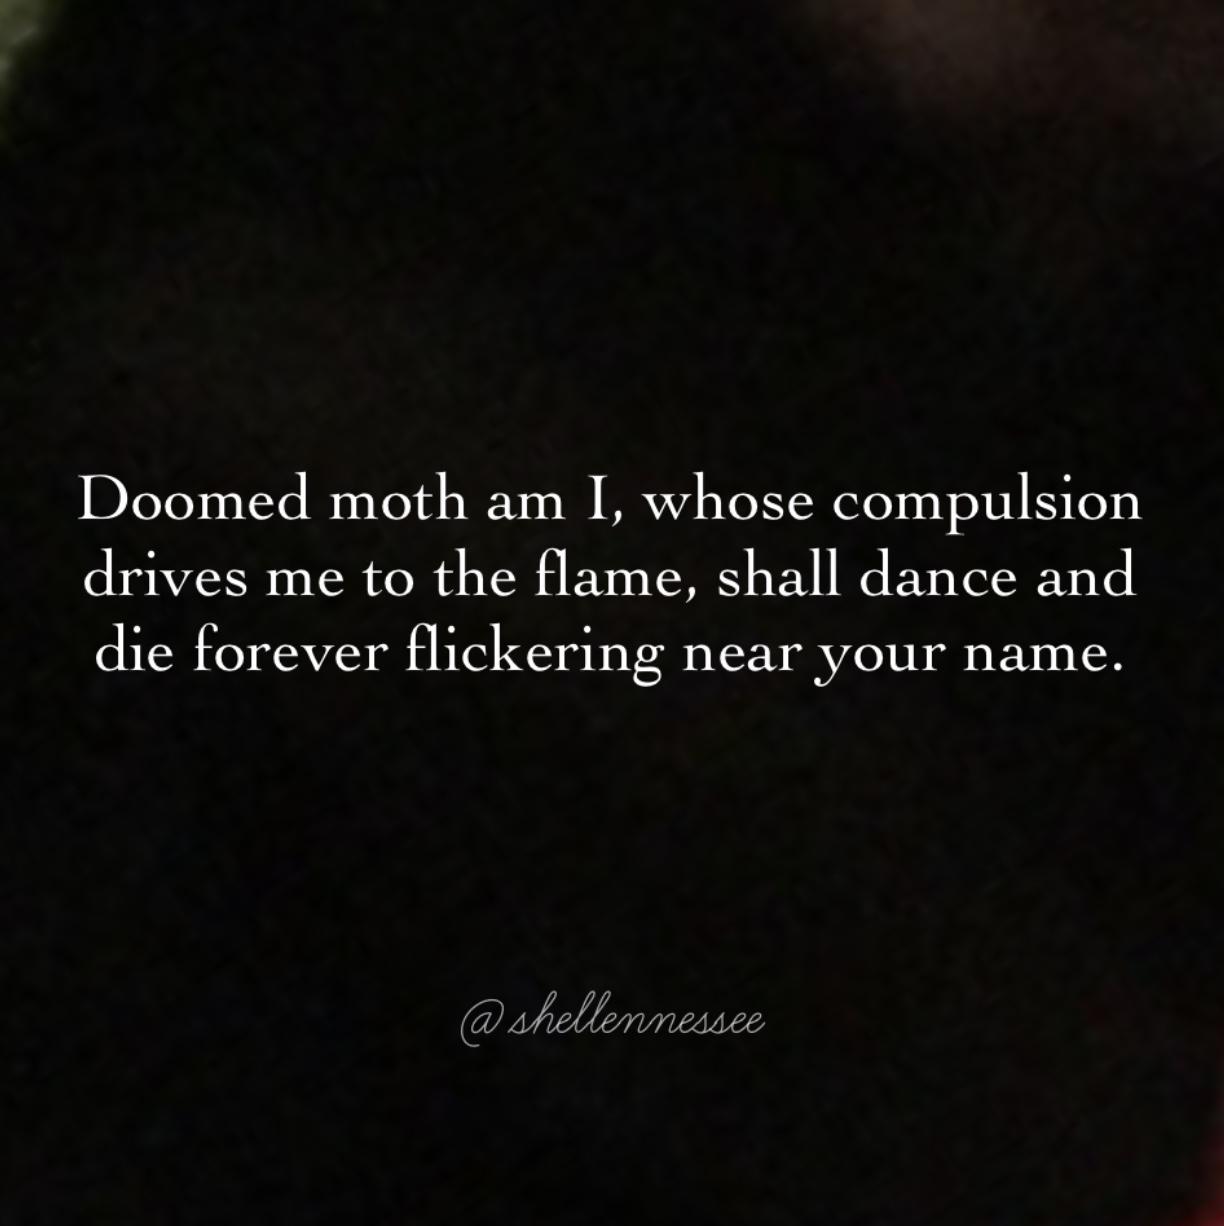 Doomed Moth